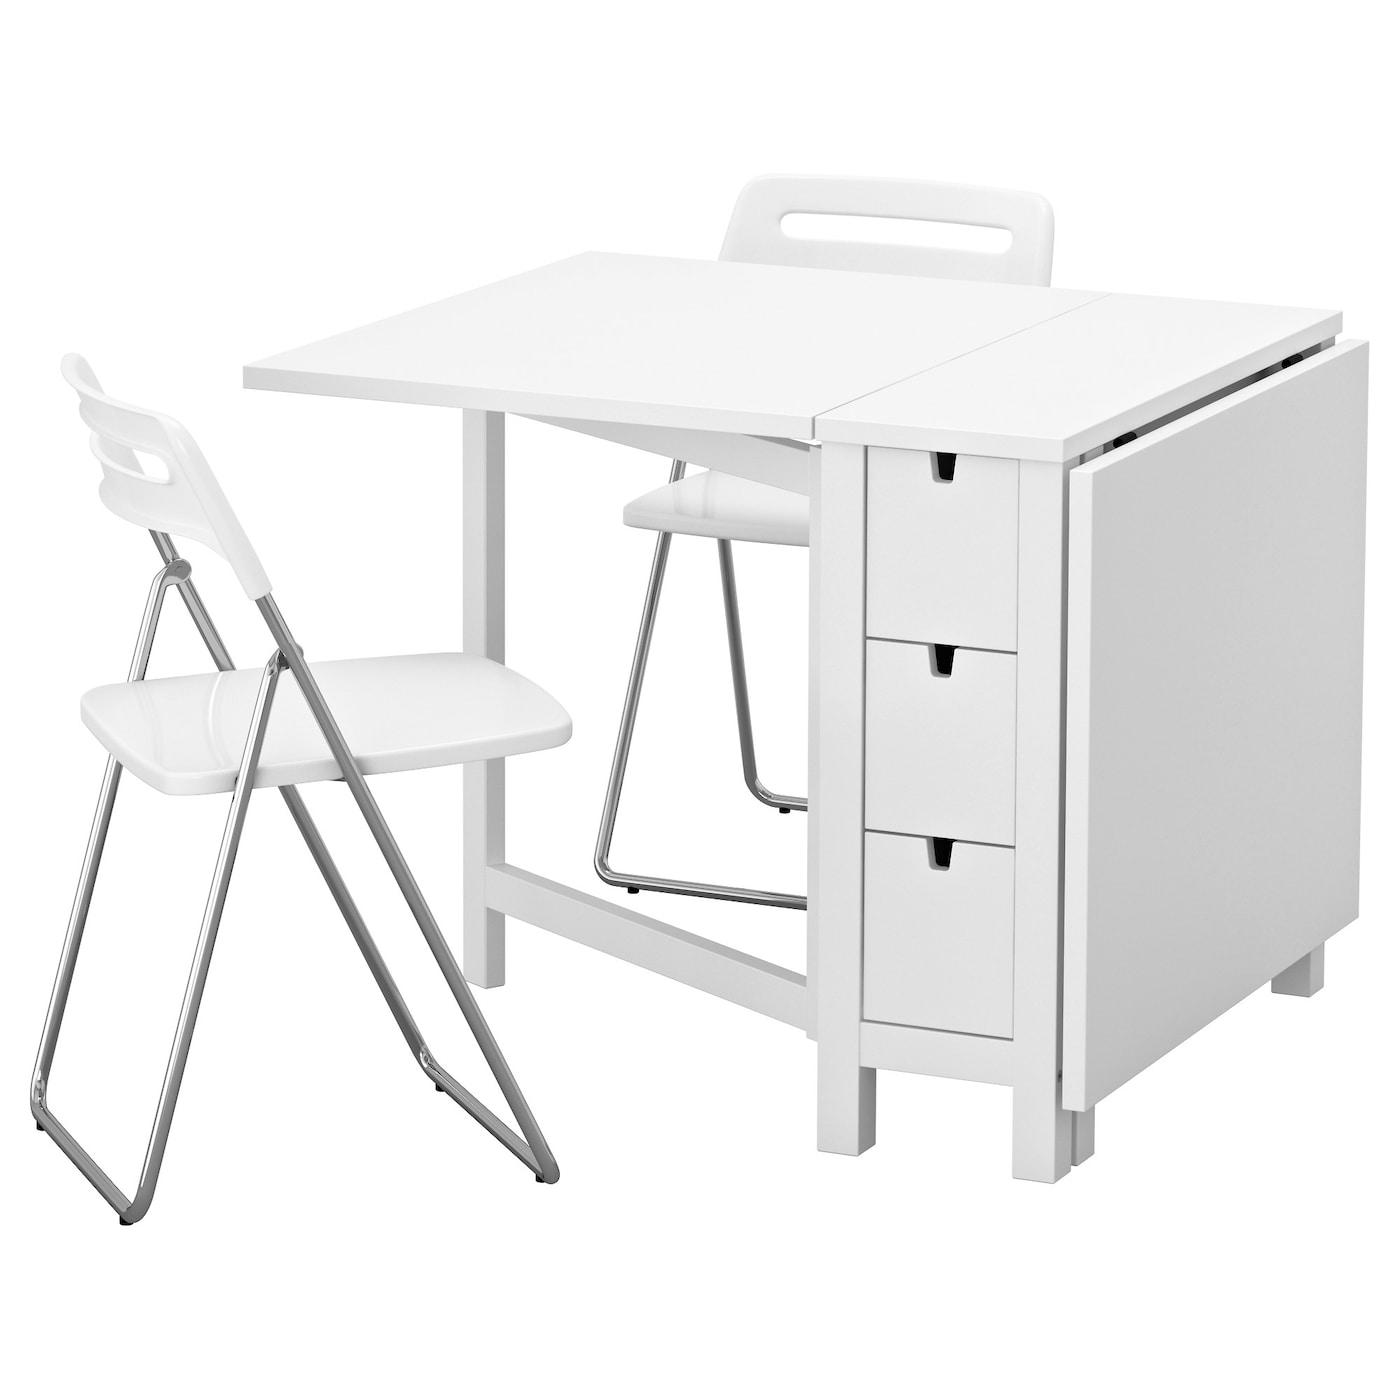 NORDEN / NISSE, Tisch und 2 Klappstühle, weiß 791.274.02